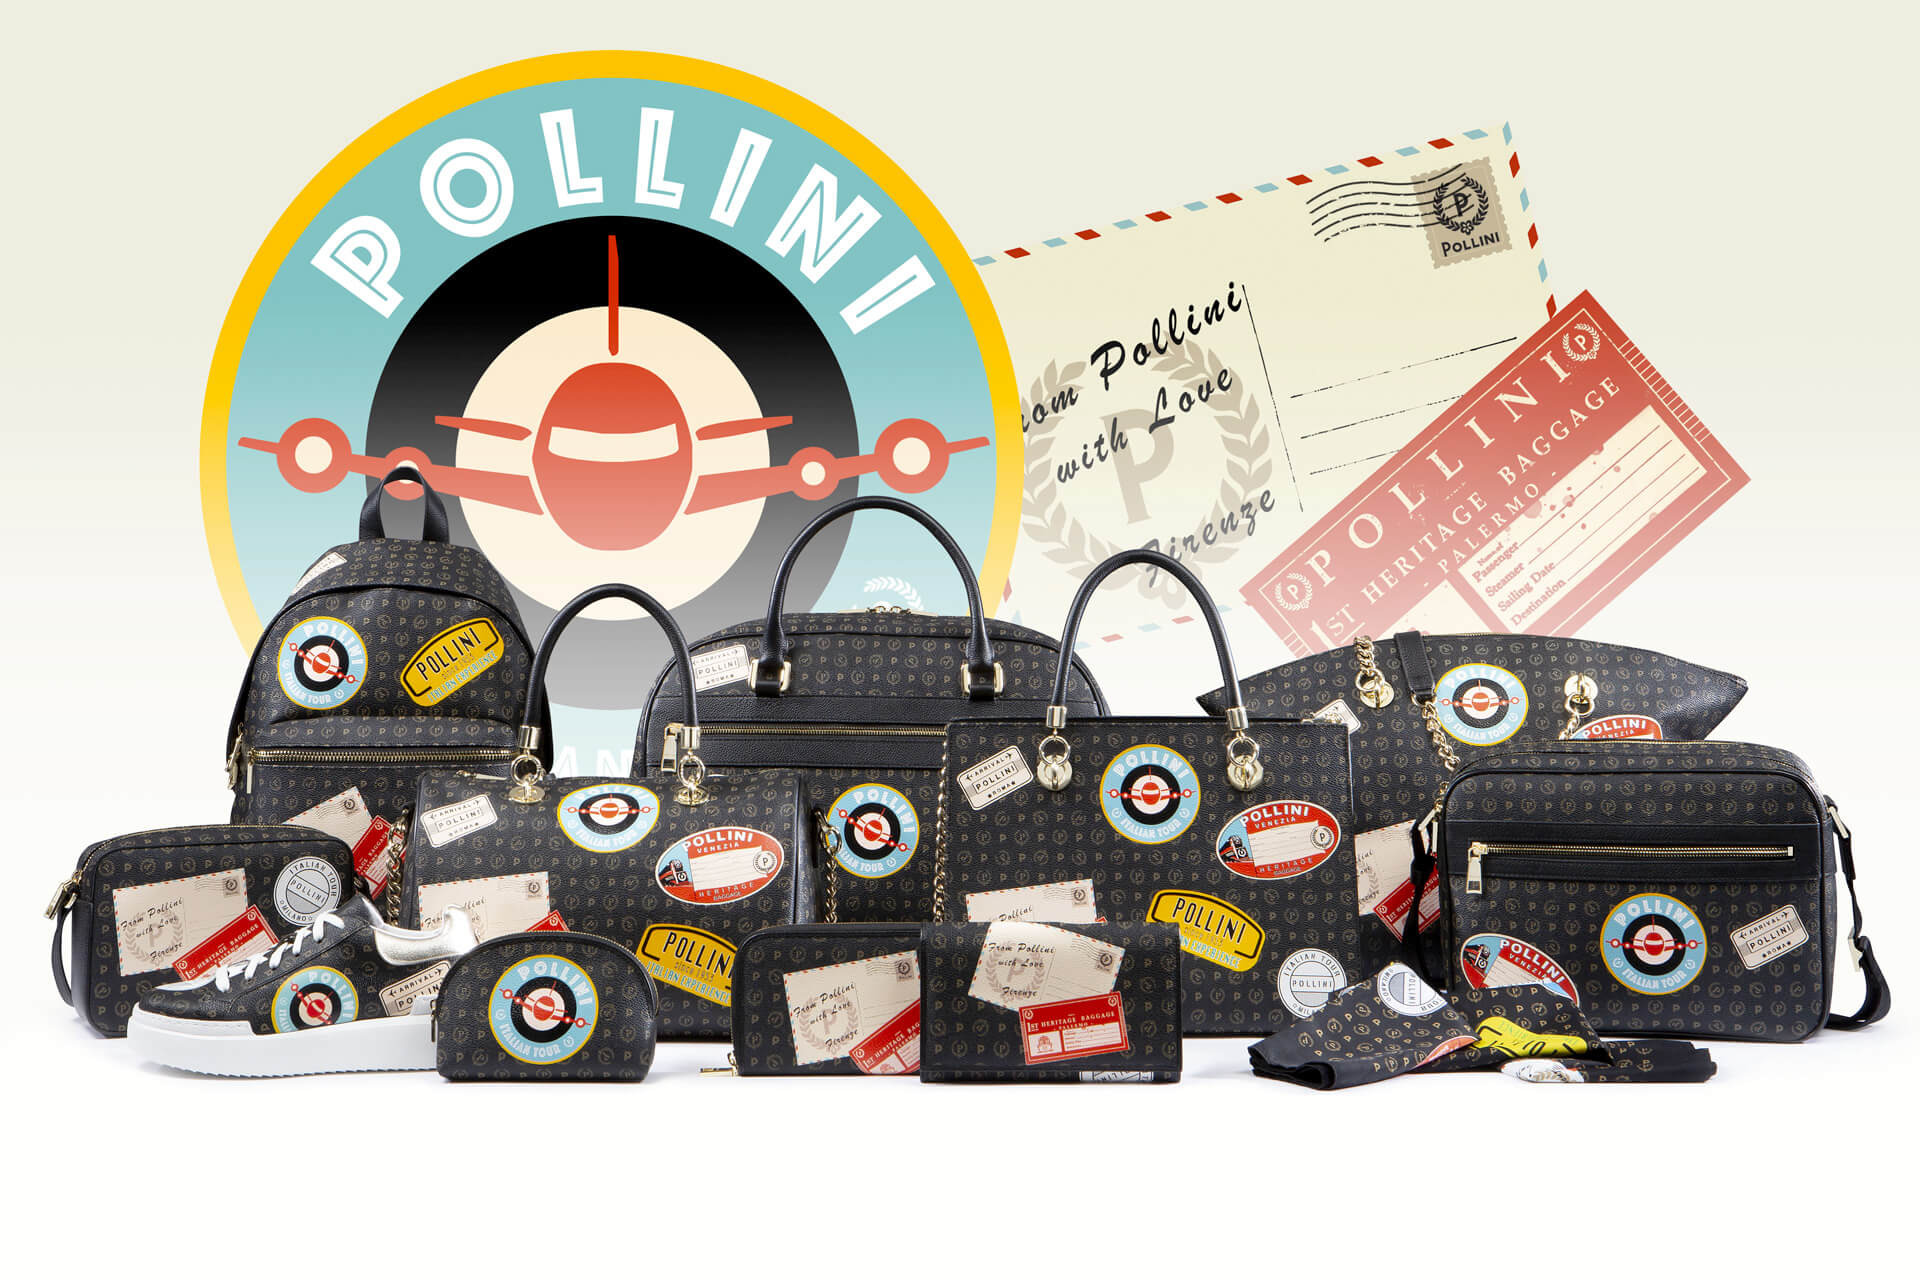 POLLINI Online Boutique